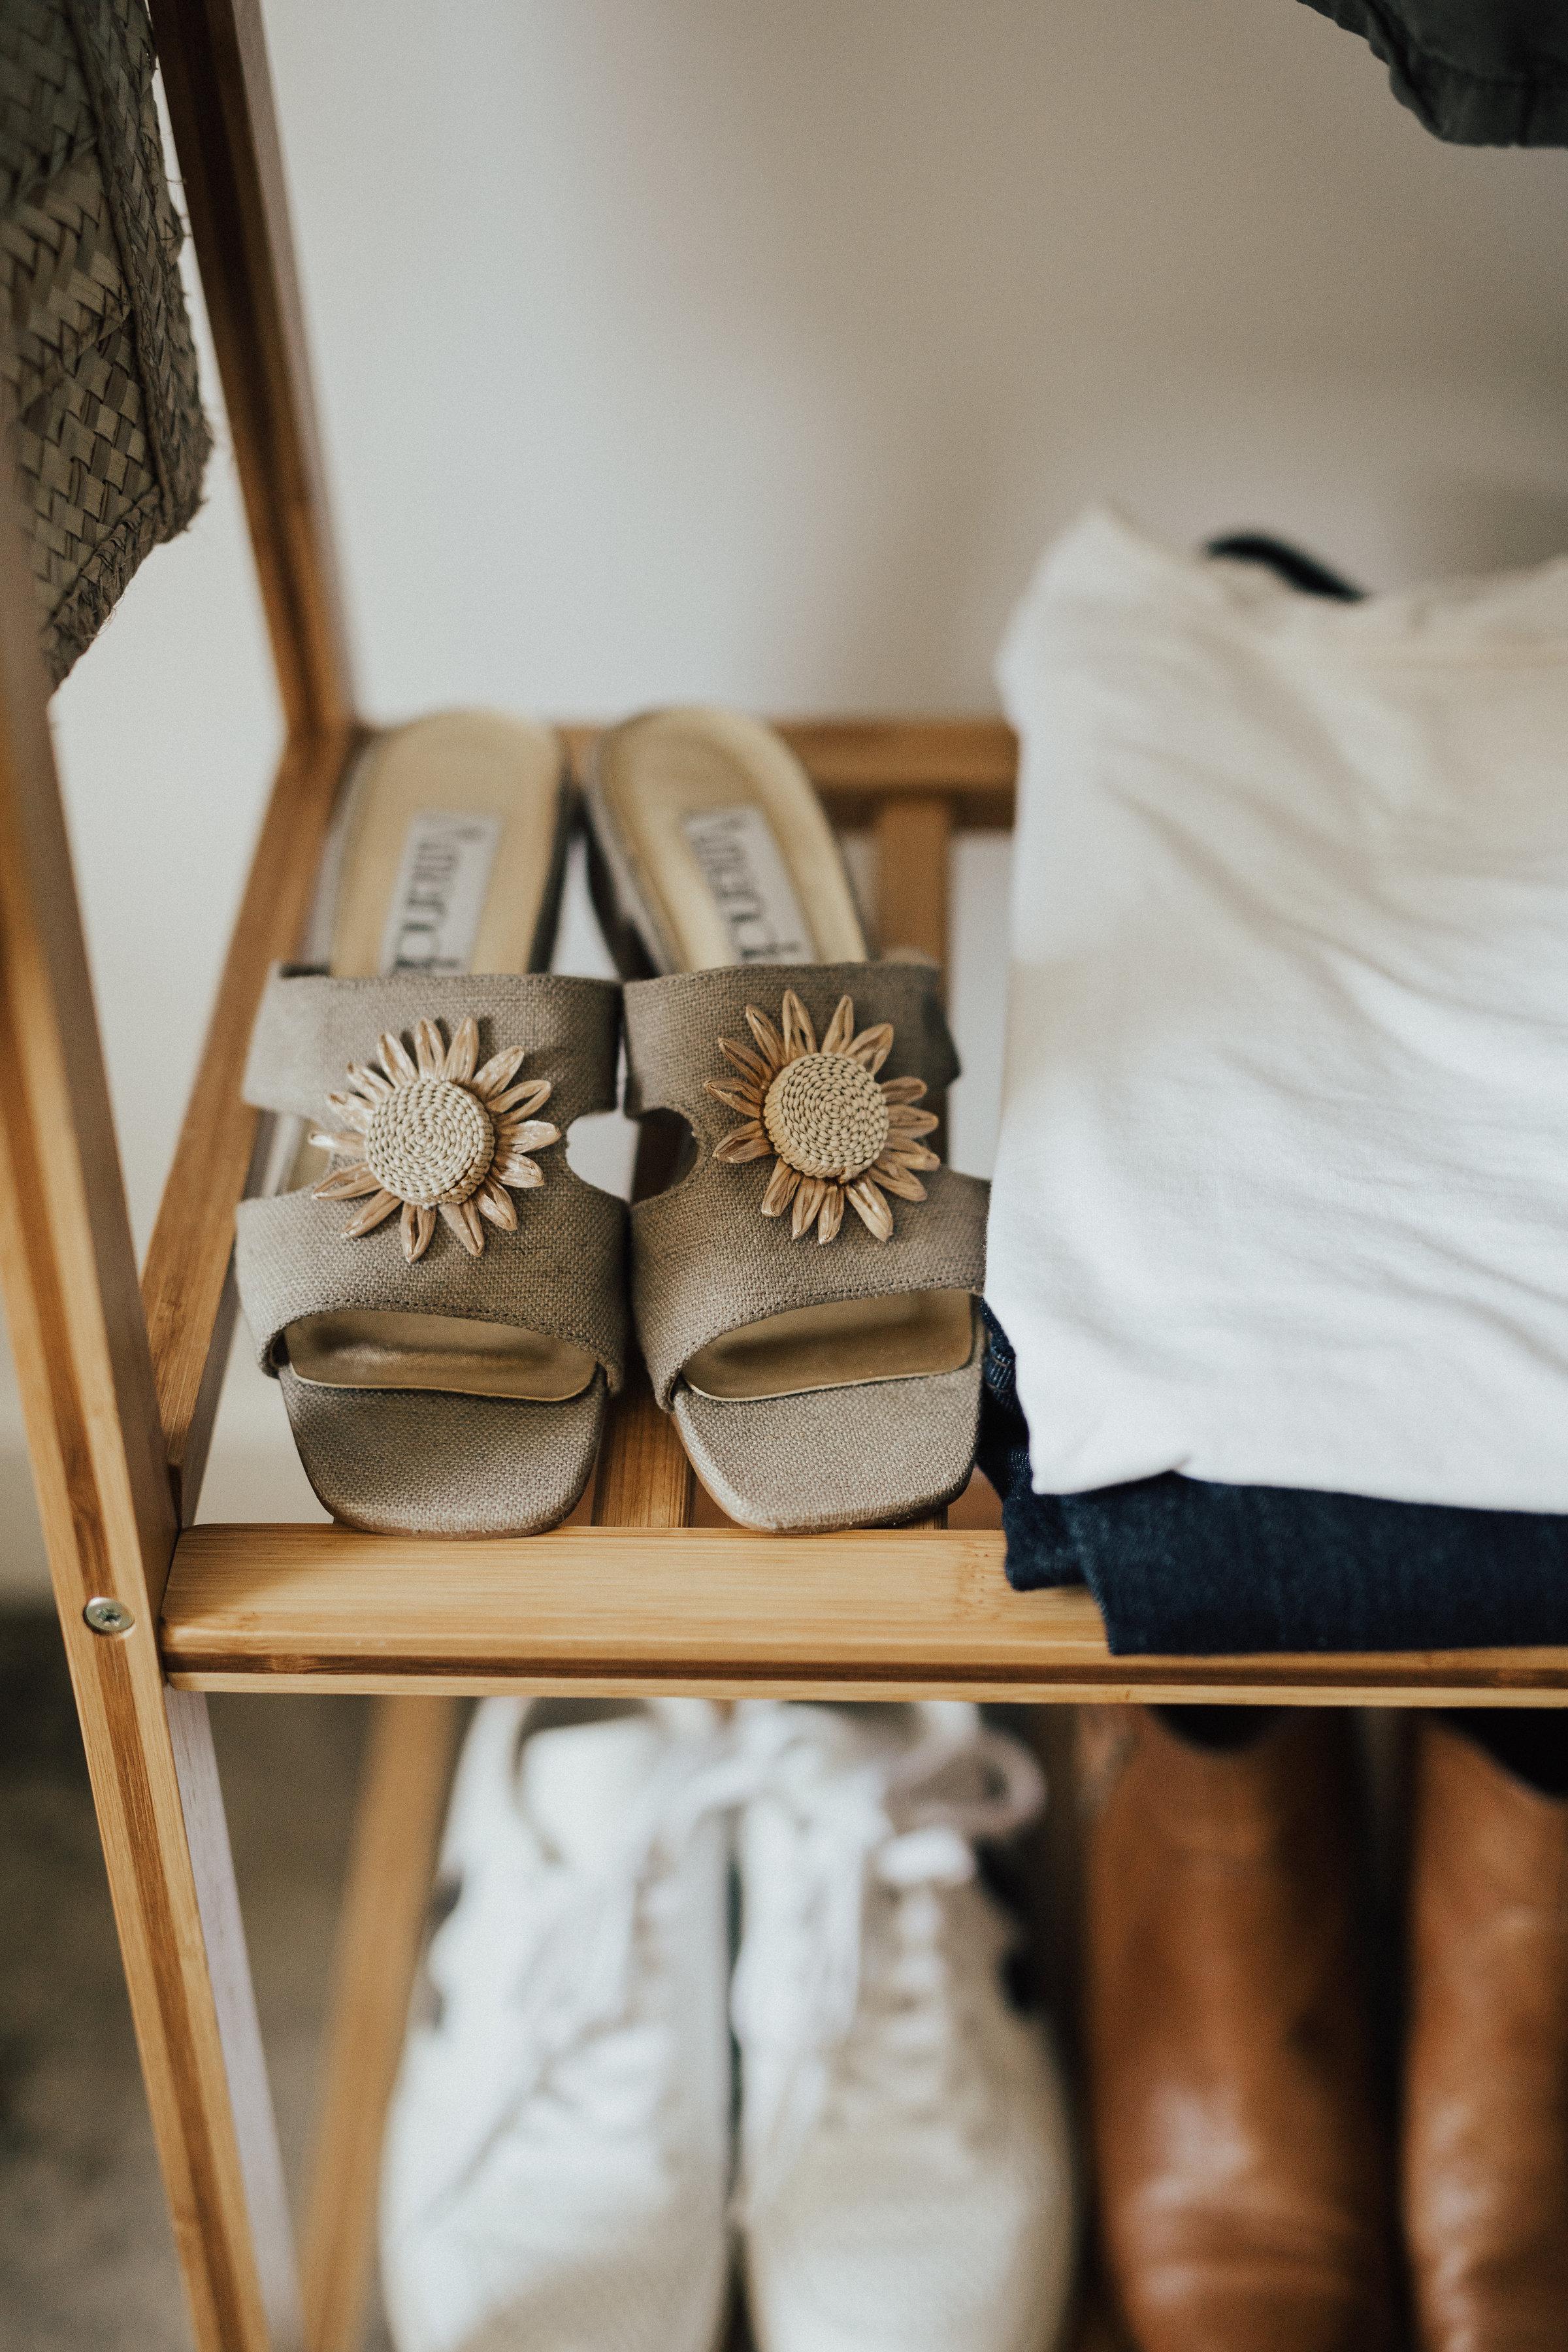 thegoodwear(7of106).jpg